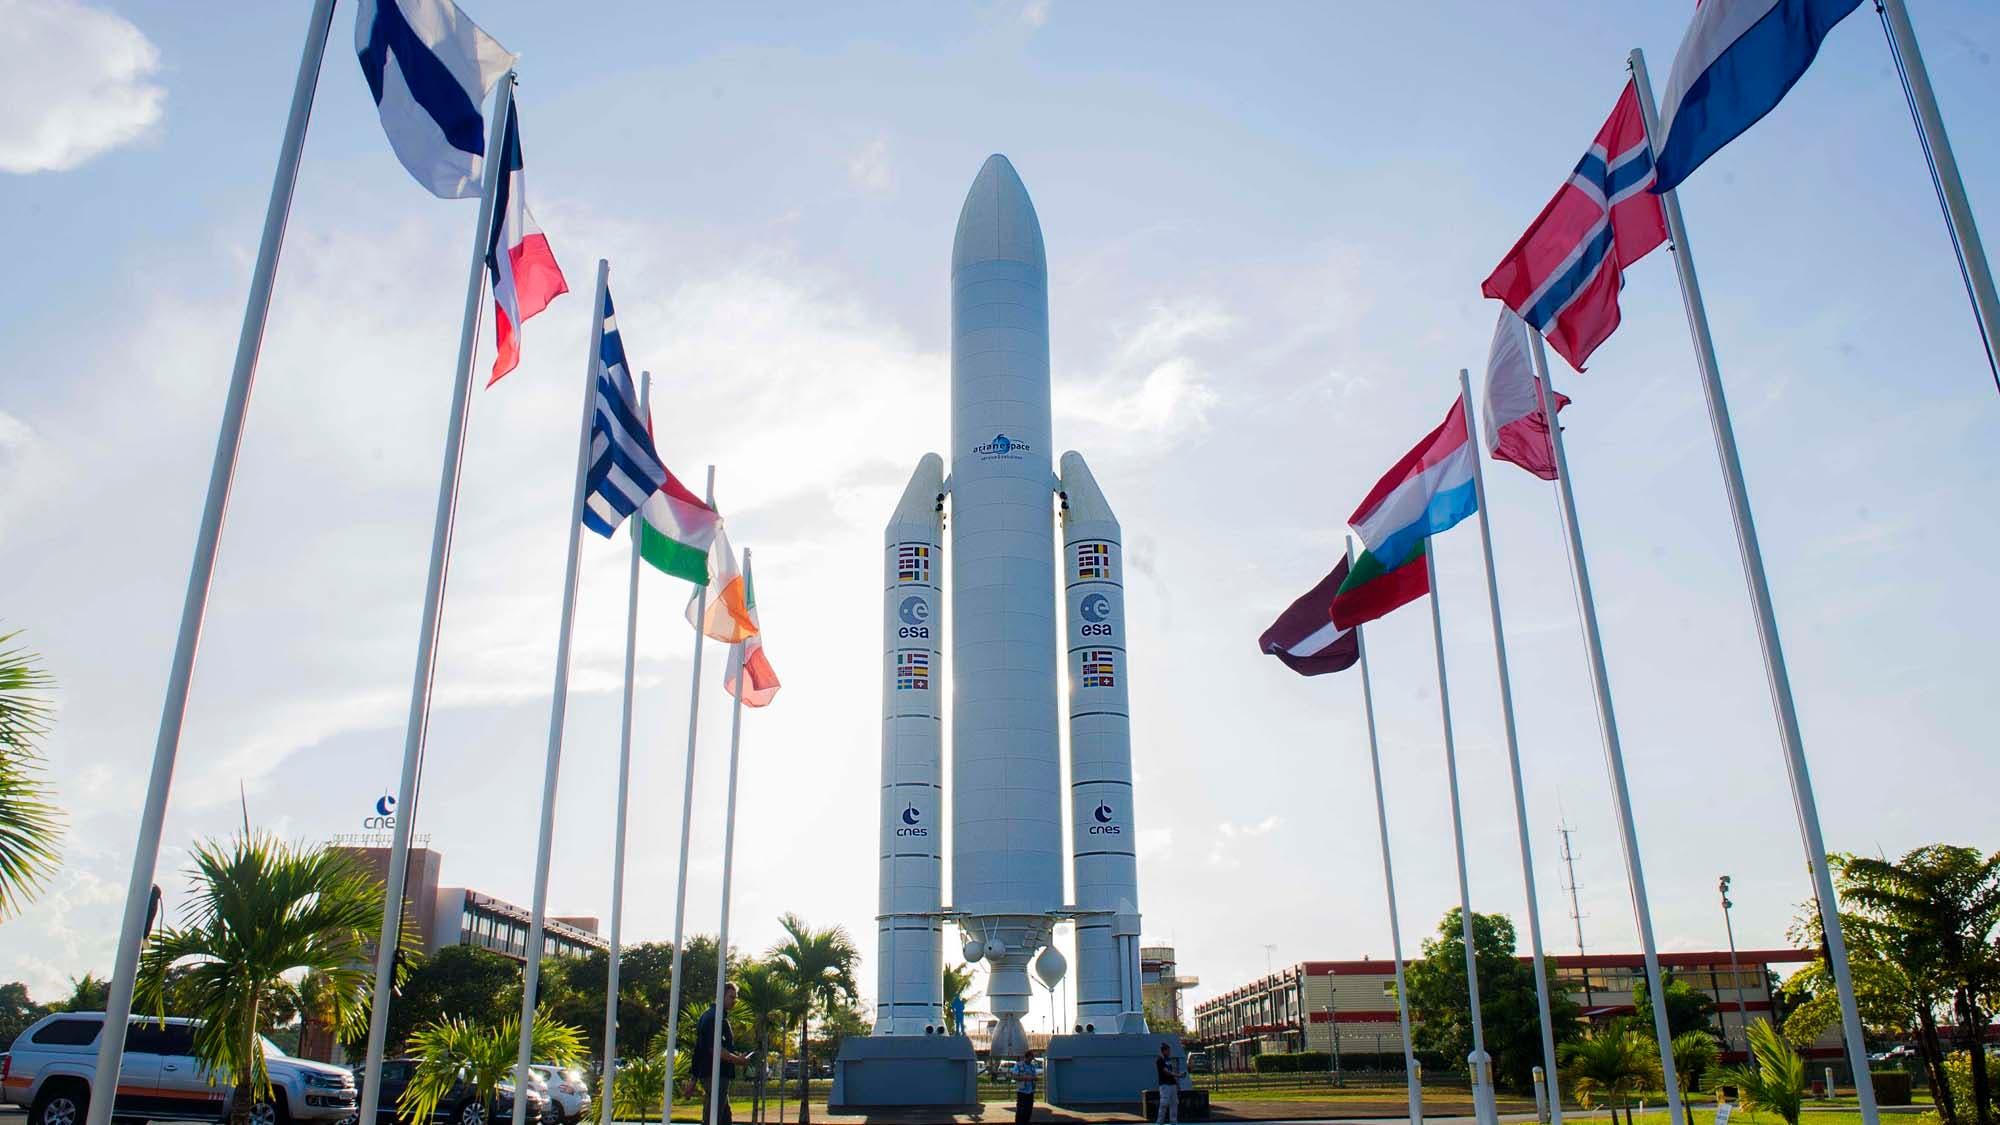 Argentina lanzó el Arsat 2, su segundo satélite de comunicaciones